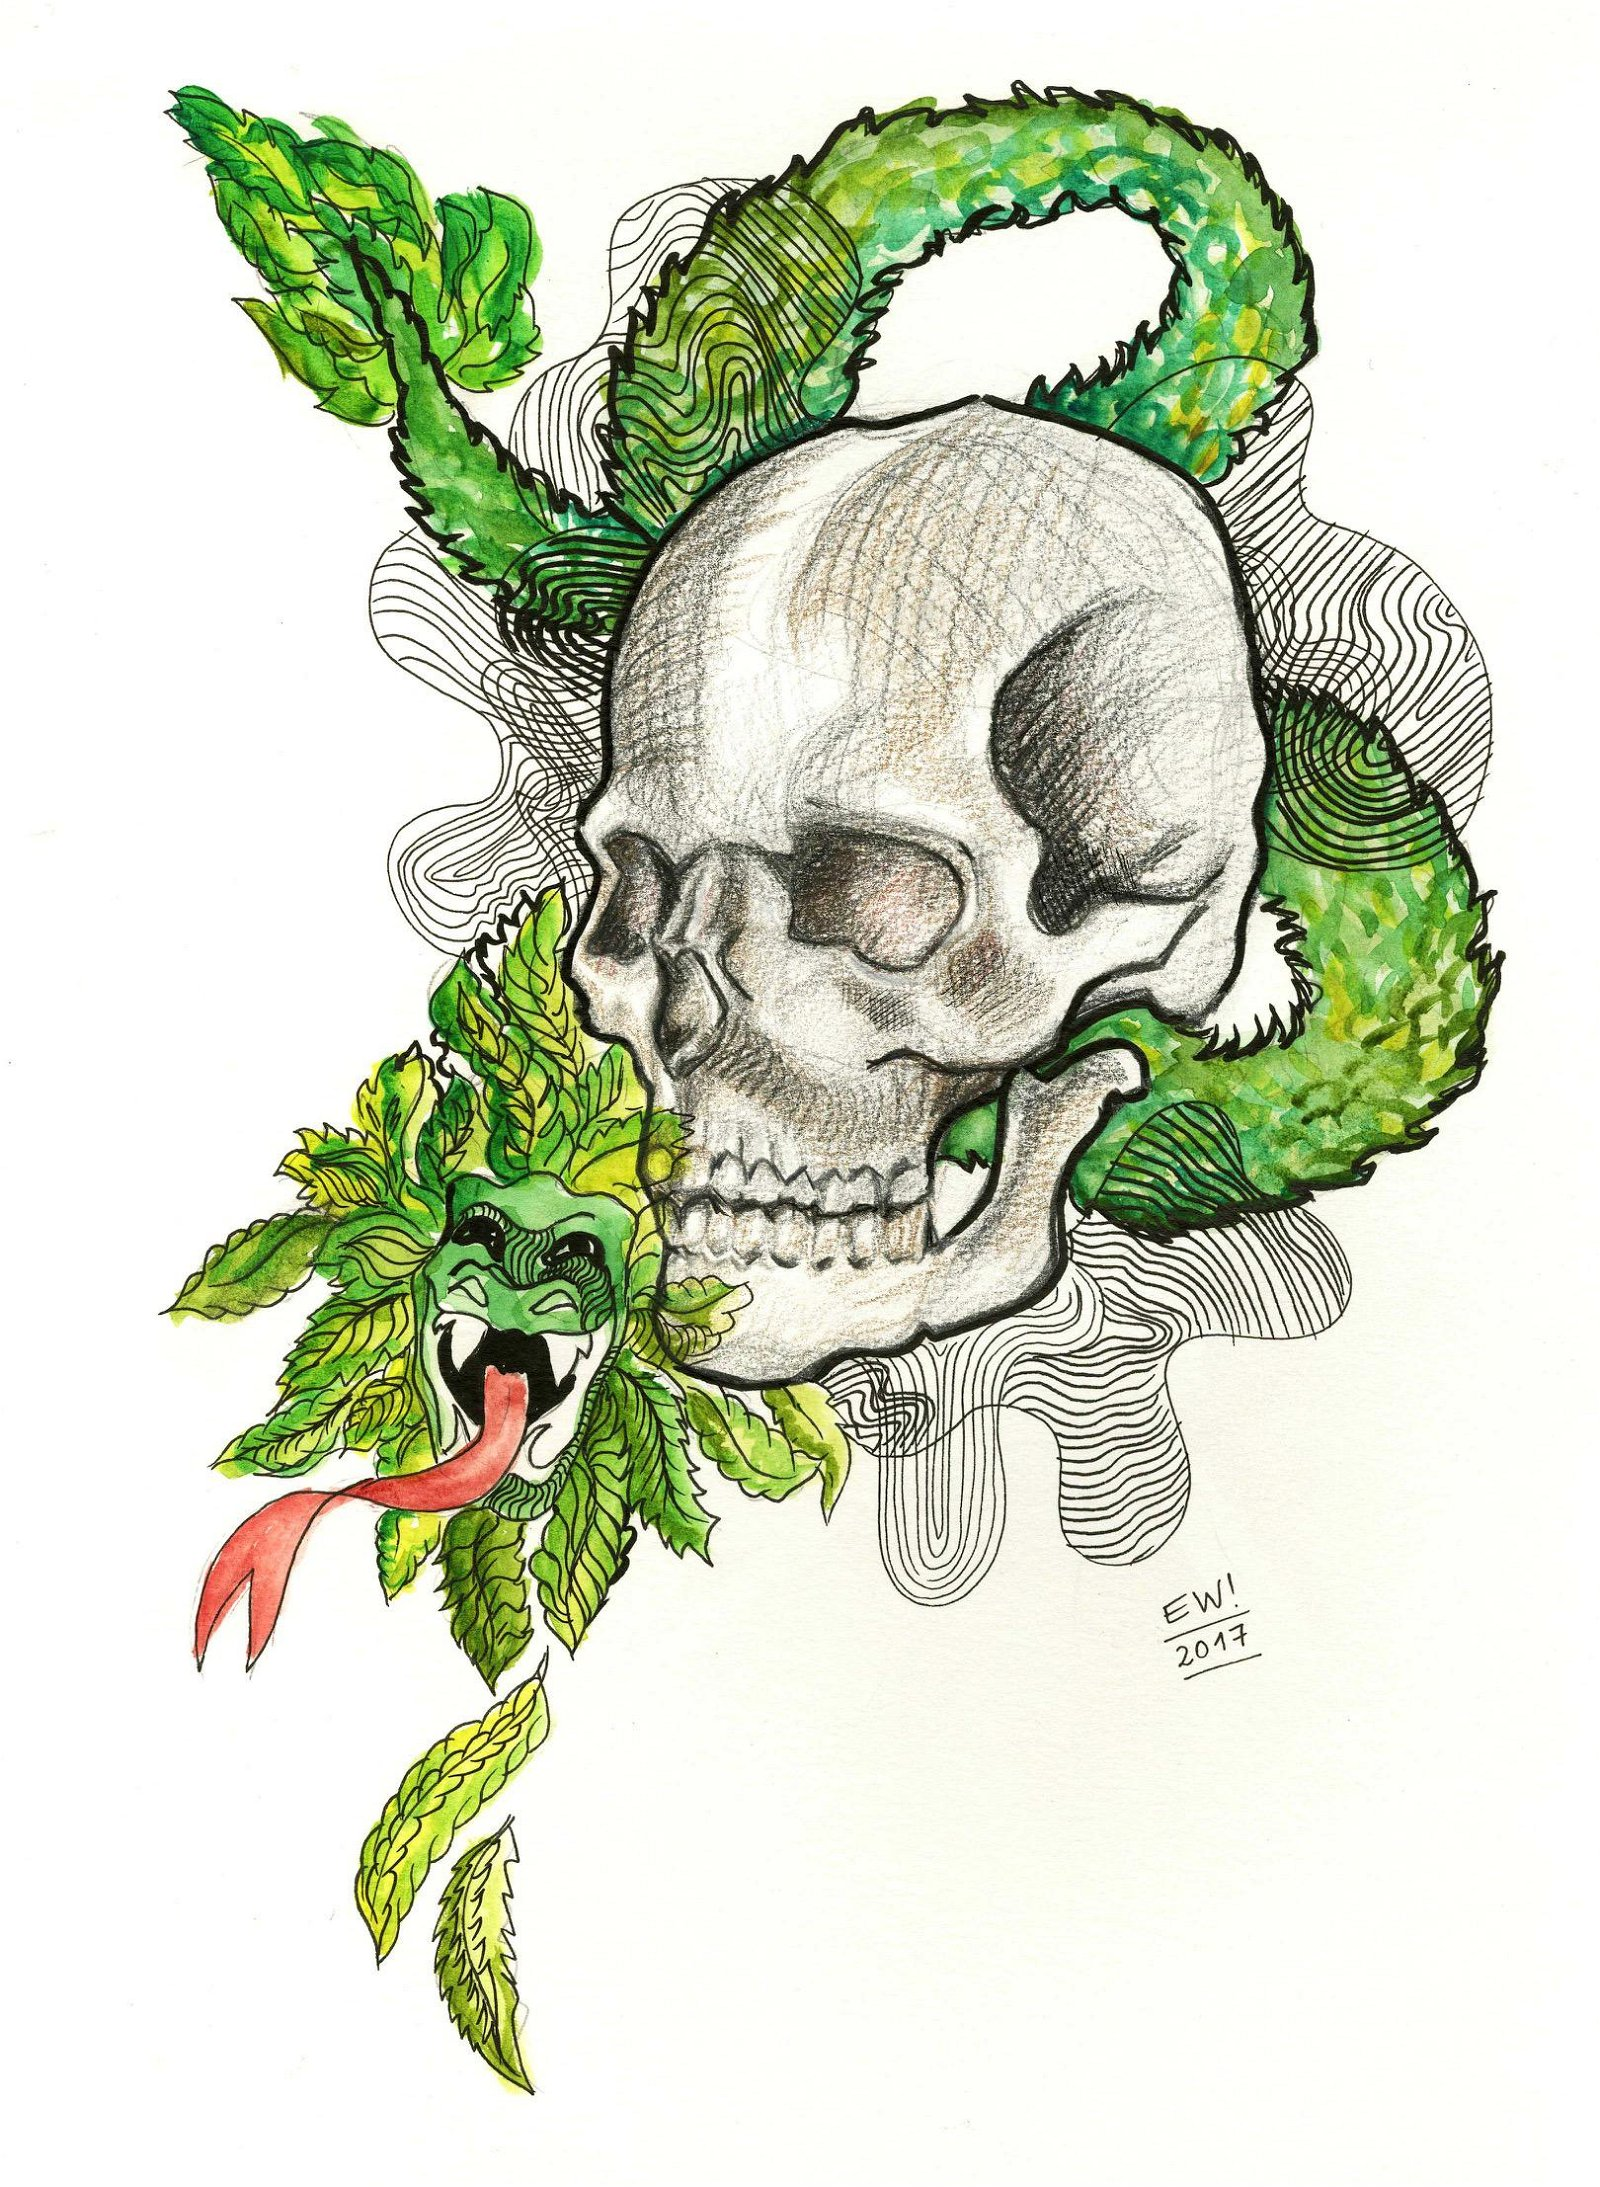 ESTELA WILLIAMS - Quetzalcoatl - Watercolor, ink, and